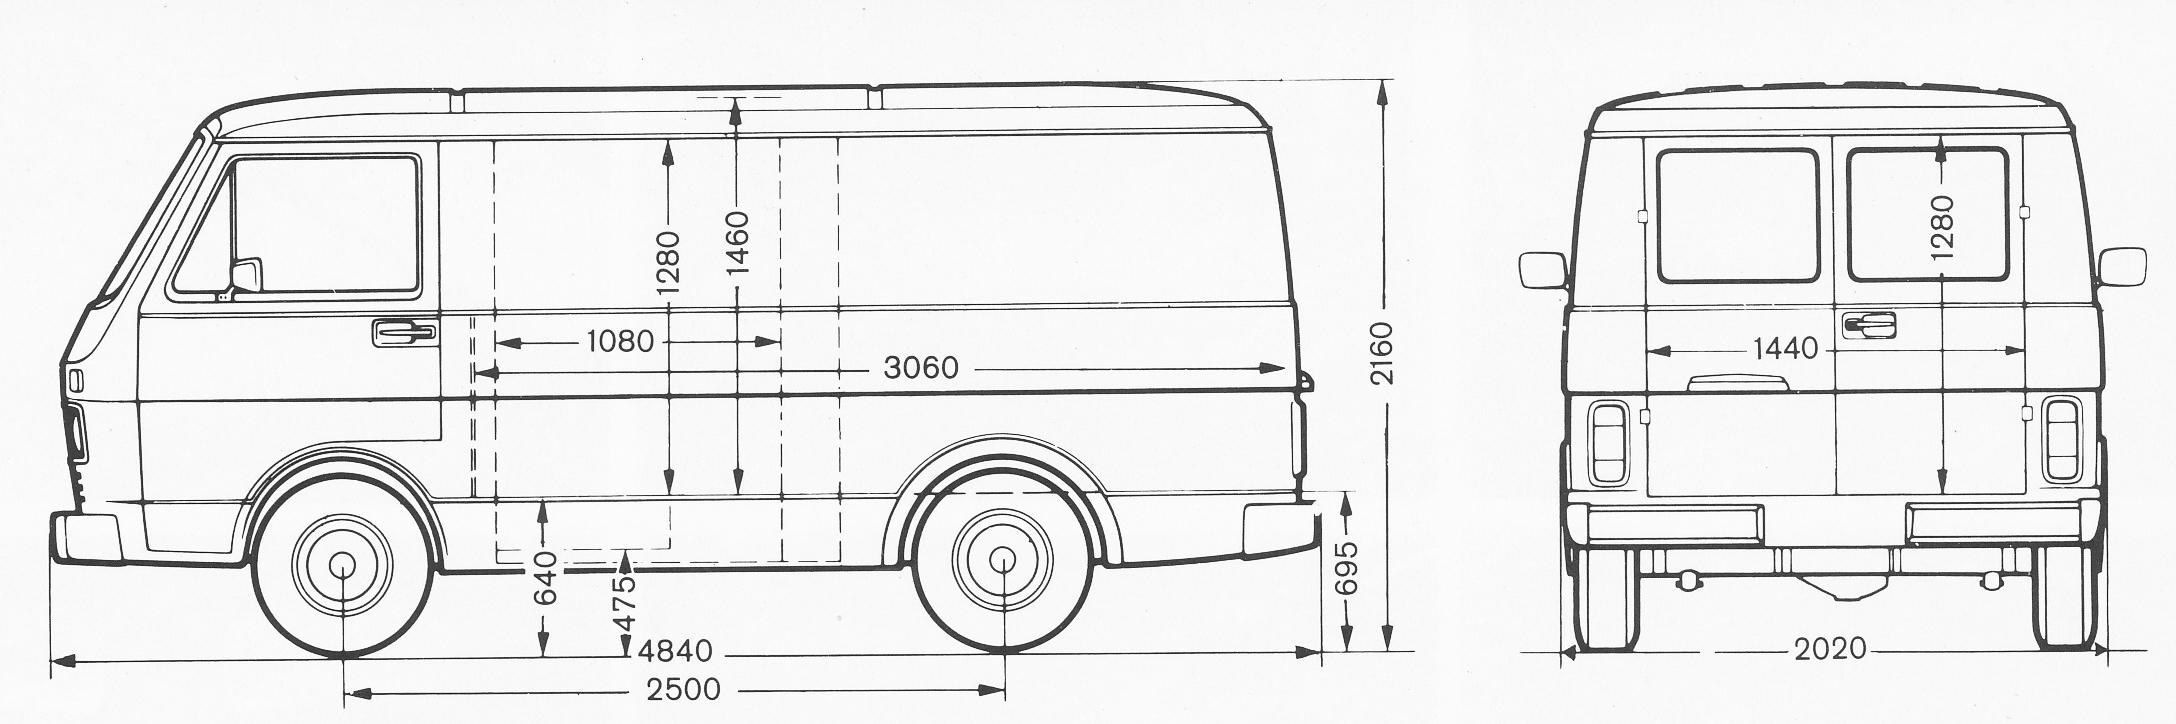 Volkswagen LT blueprint